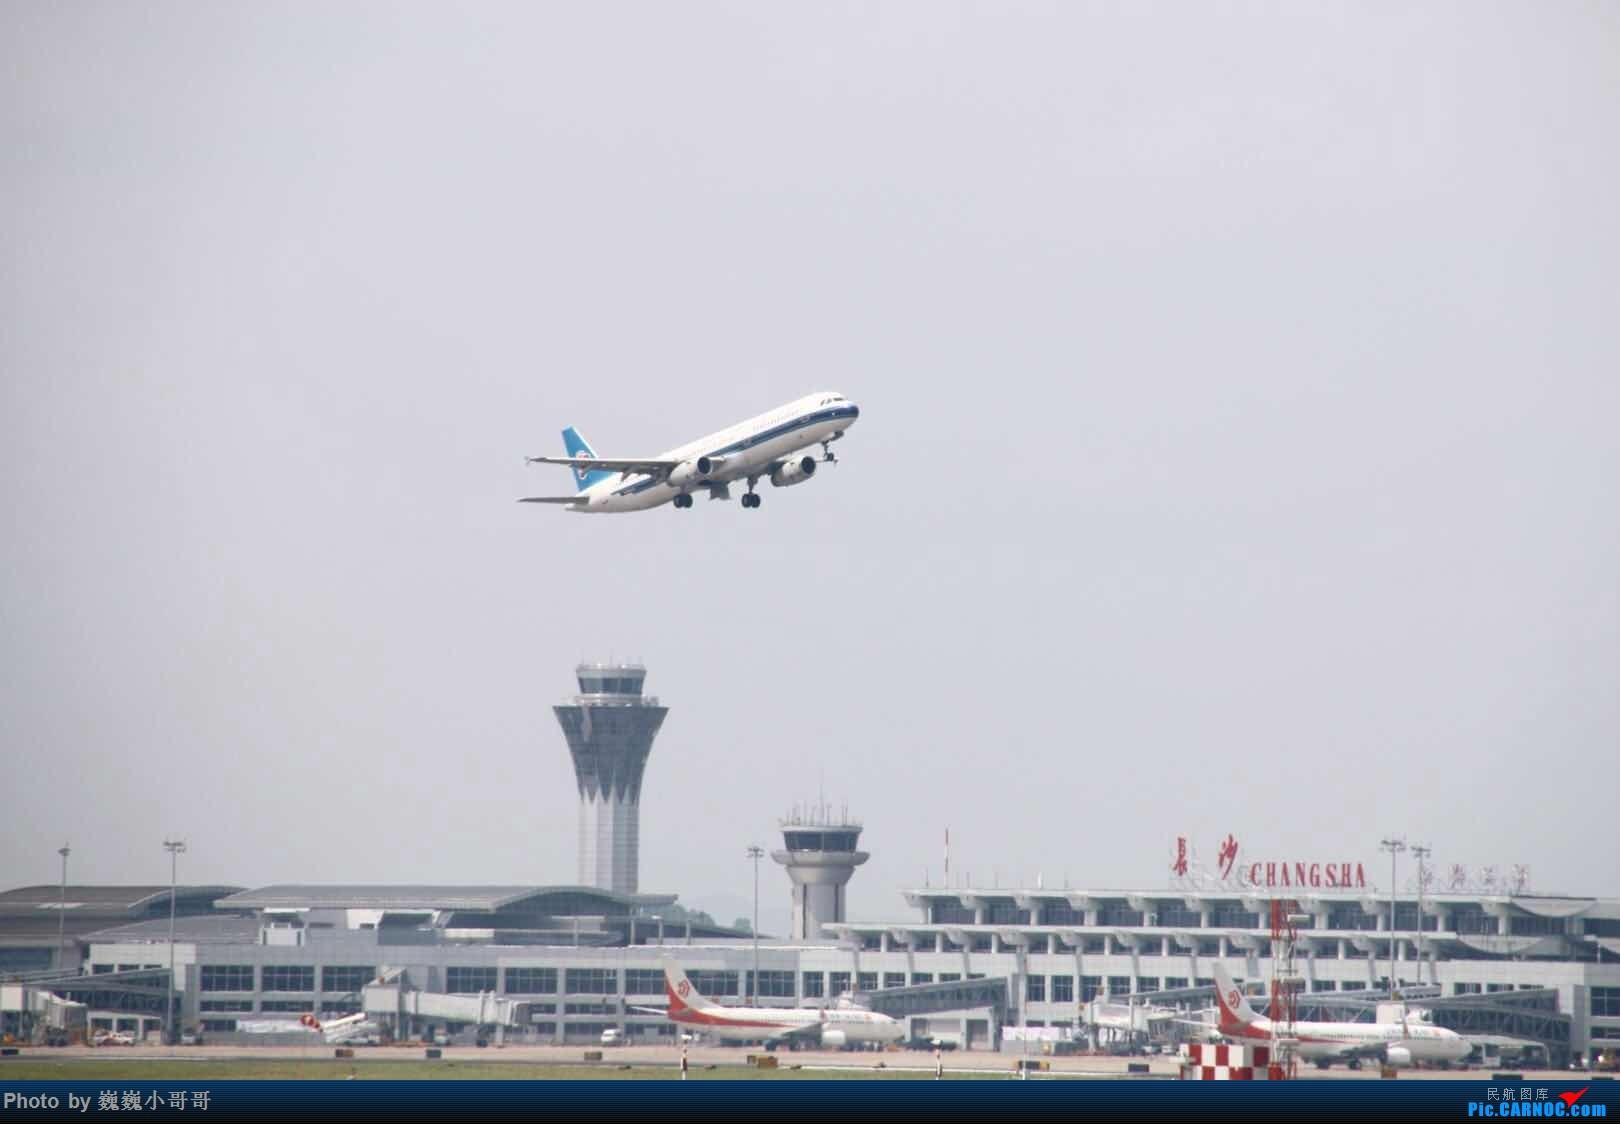 [原创]长沙黄花机场拍机 AIRBUS A320  中国长沙黄花国际机场